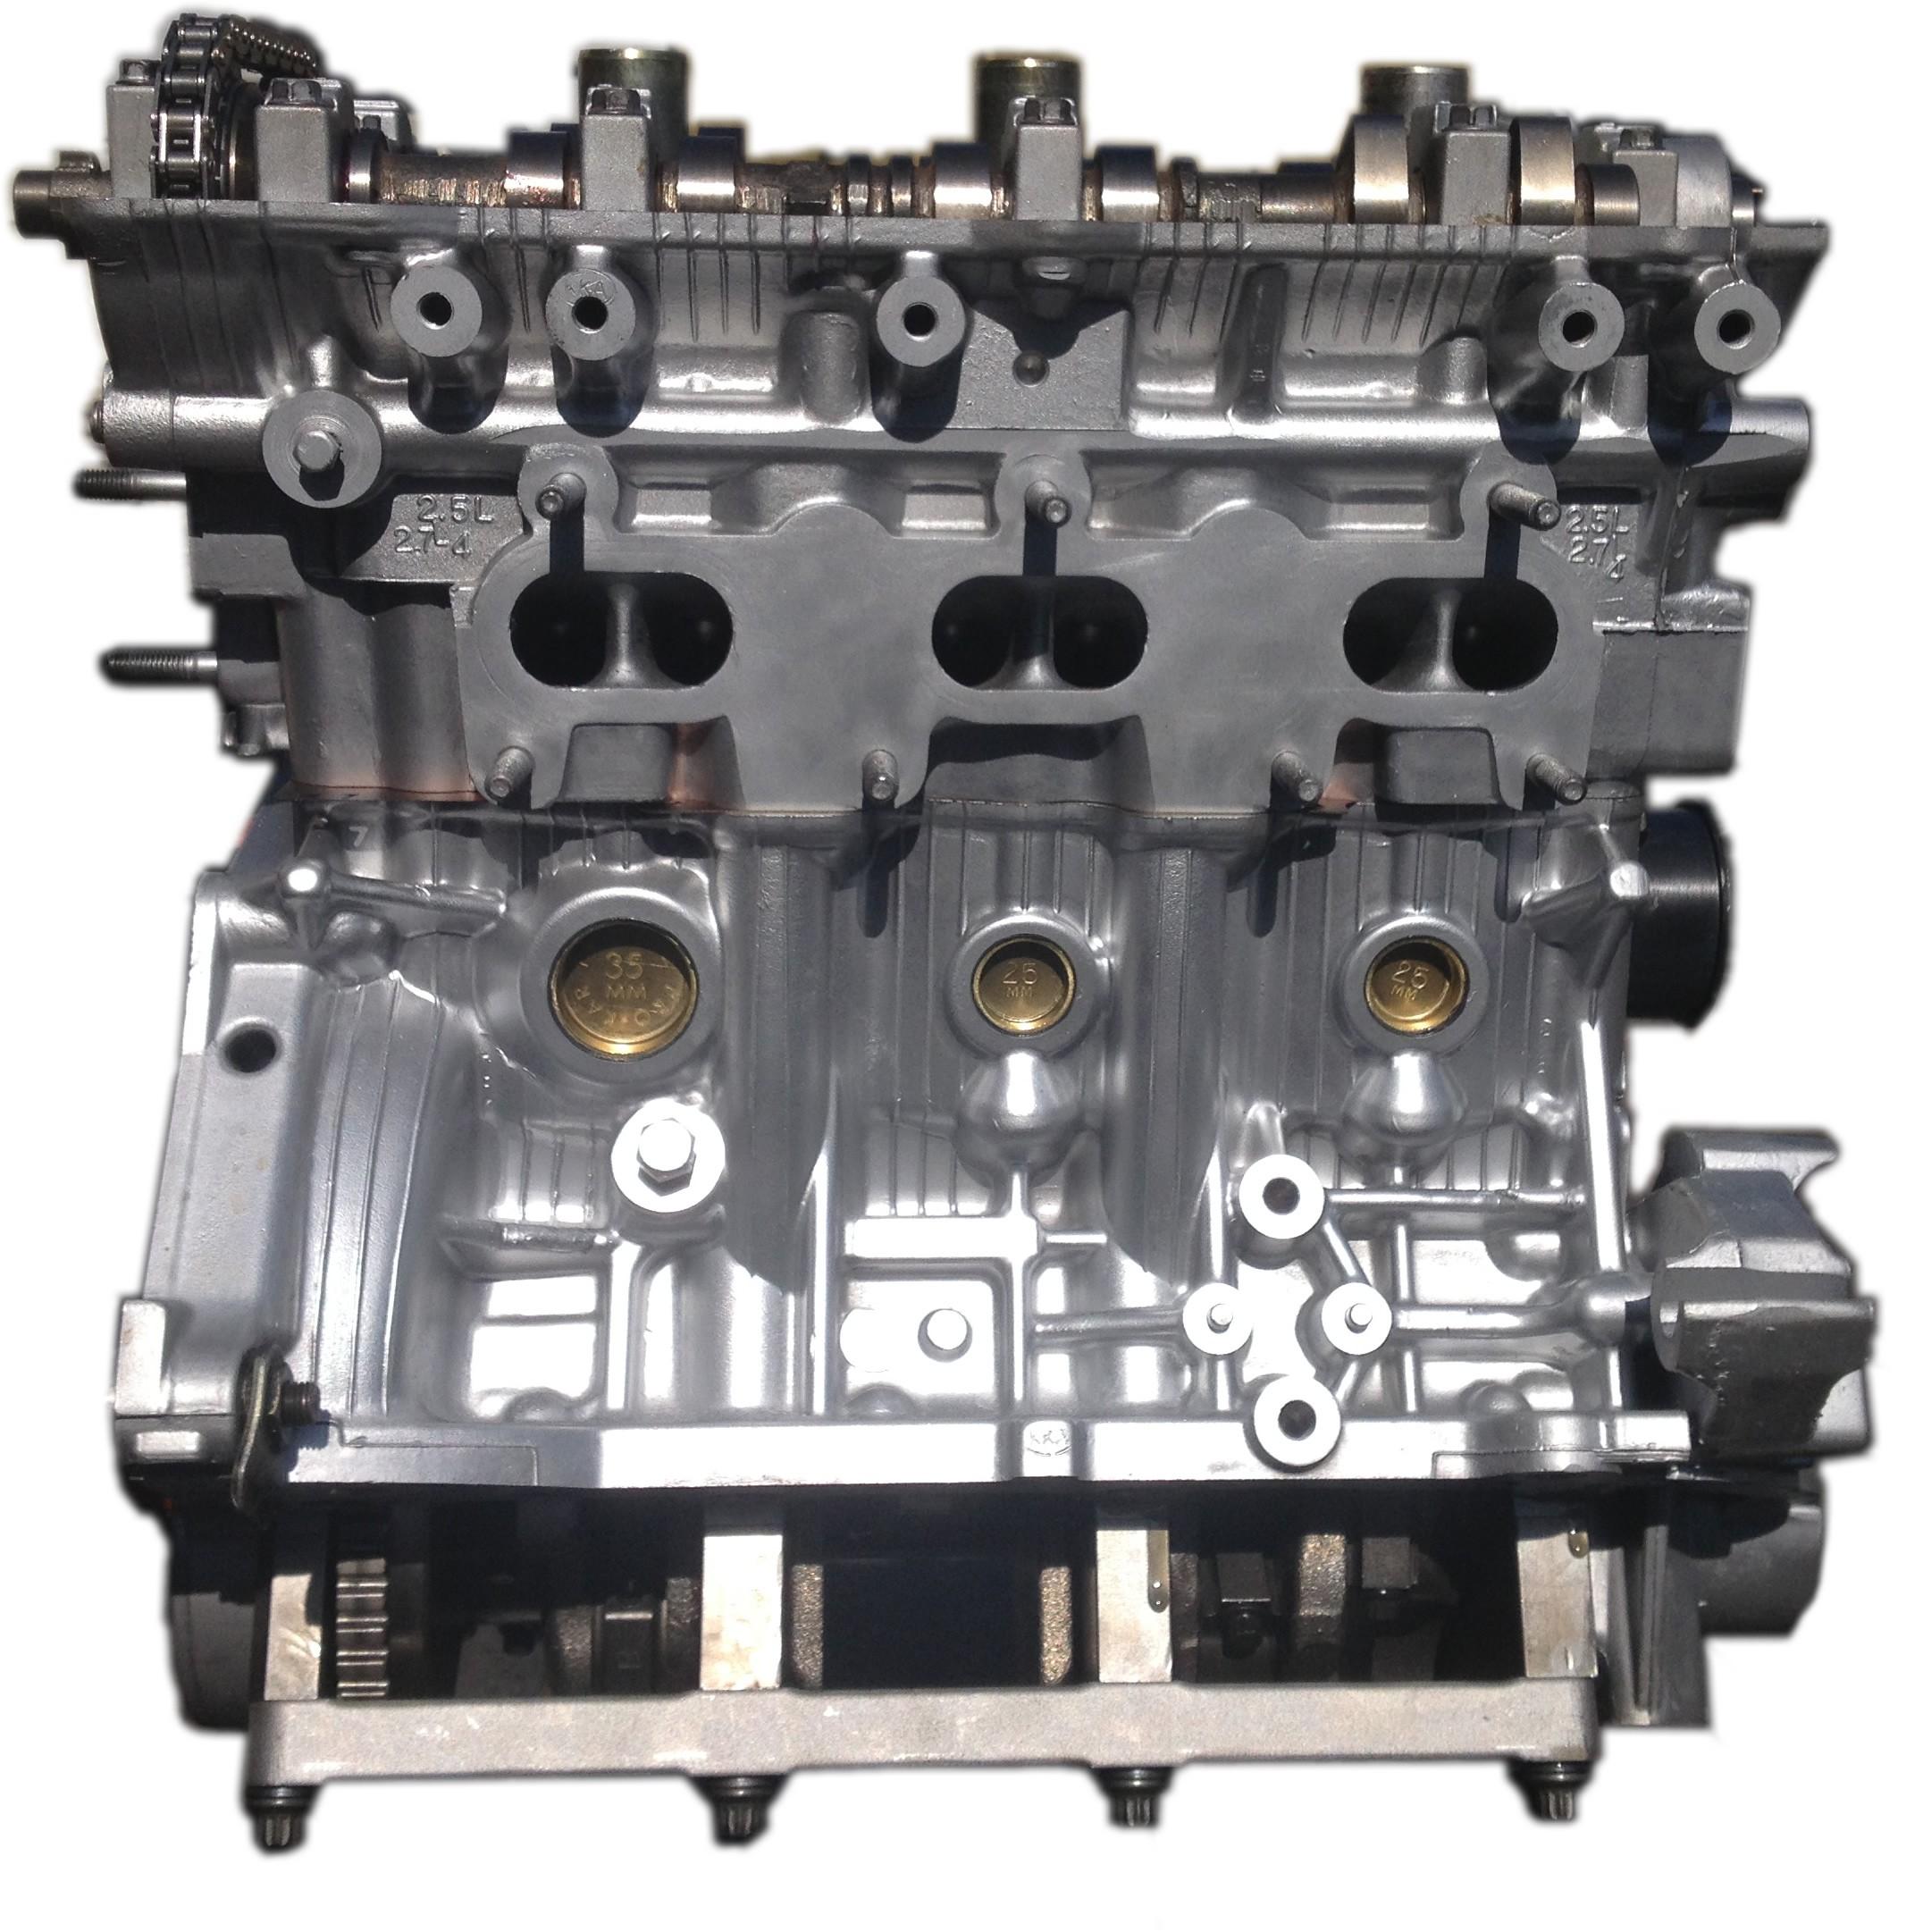 2 0l Engine: Rebuilt 2010-2013 Kia Forte 2.0L G4KD Longblock Engine